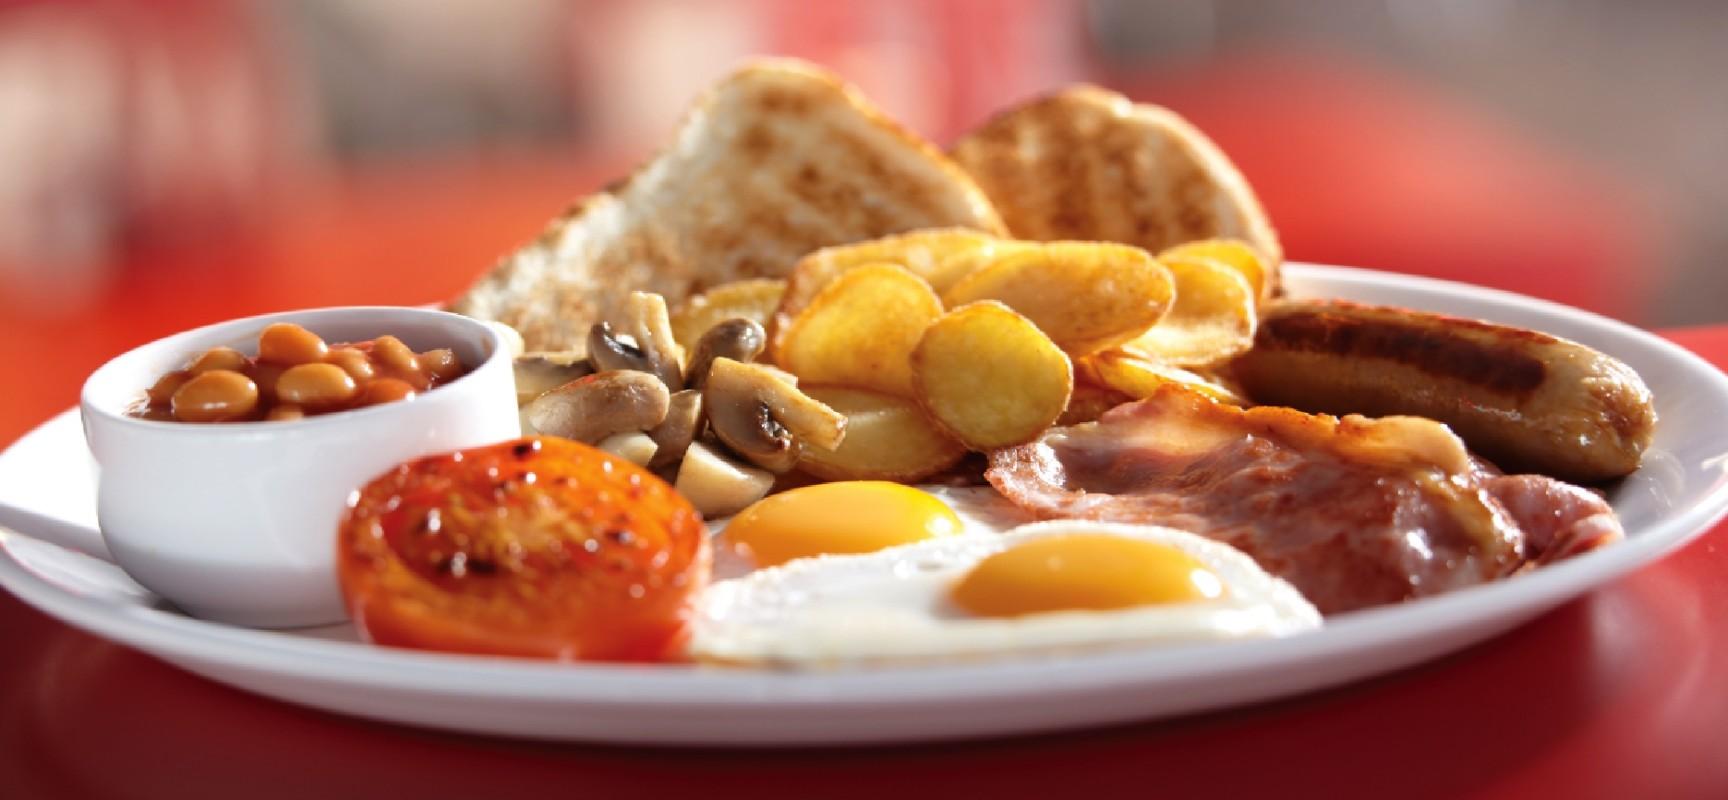 Dlaczego śniadanie jest tak ważne?